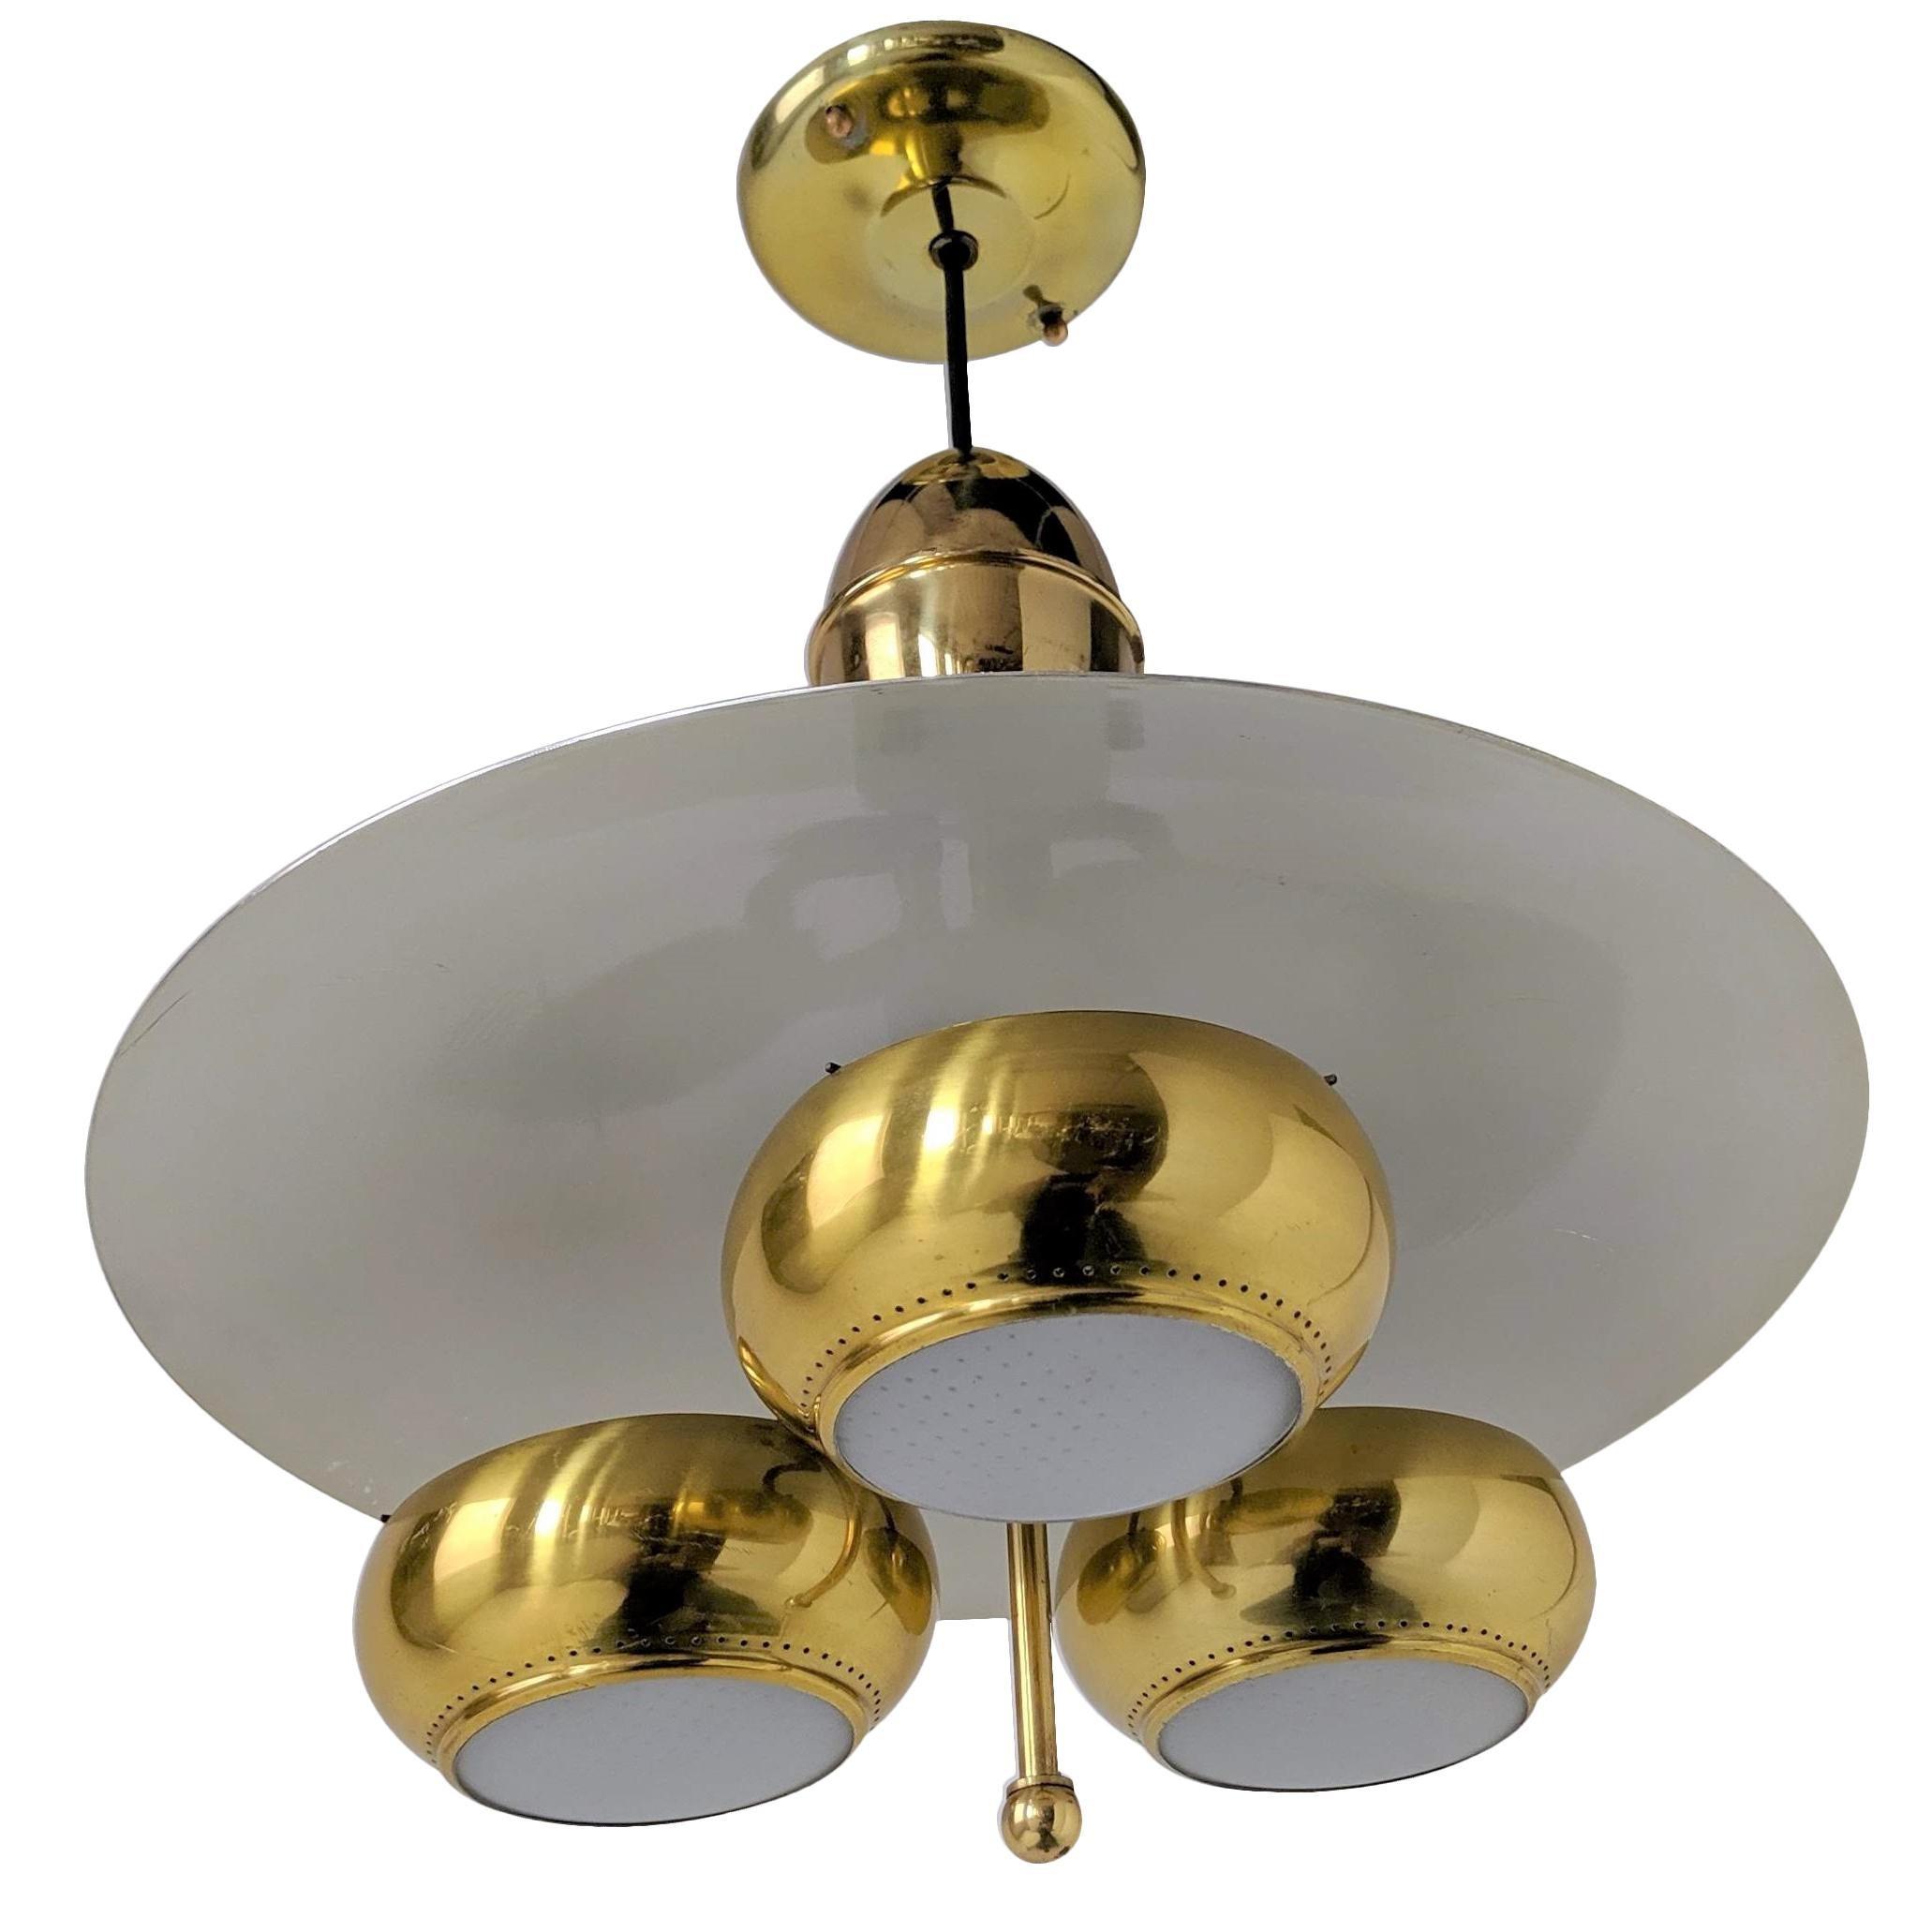 1950s brassglasswalnut chandelier by Moe